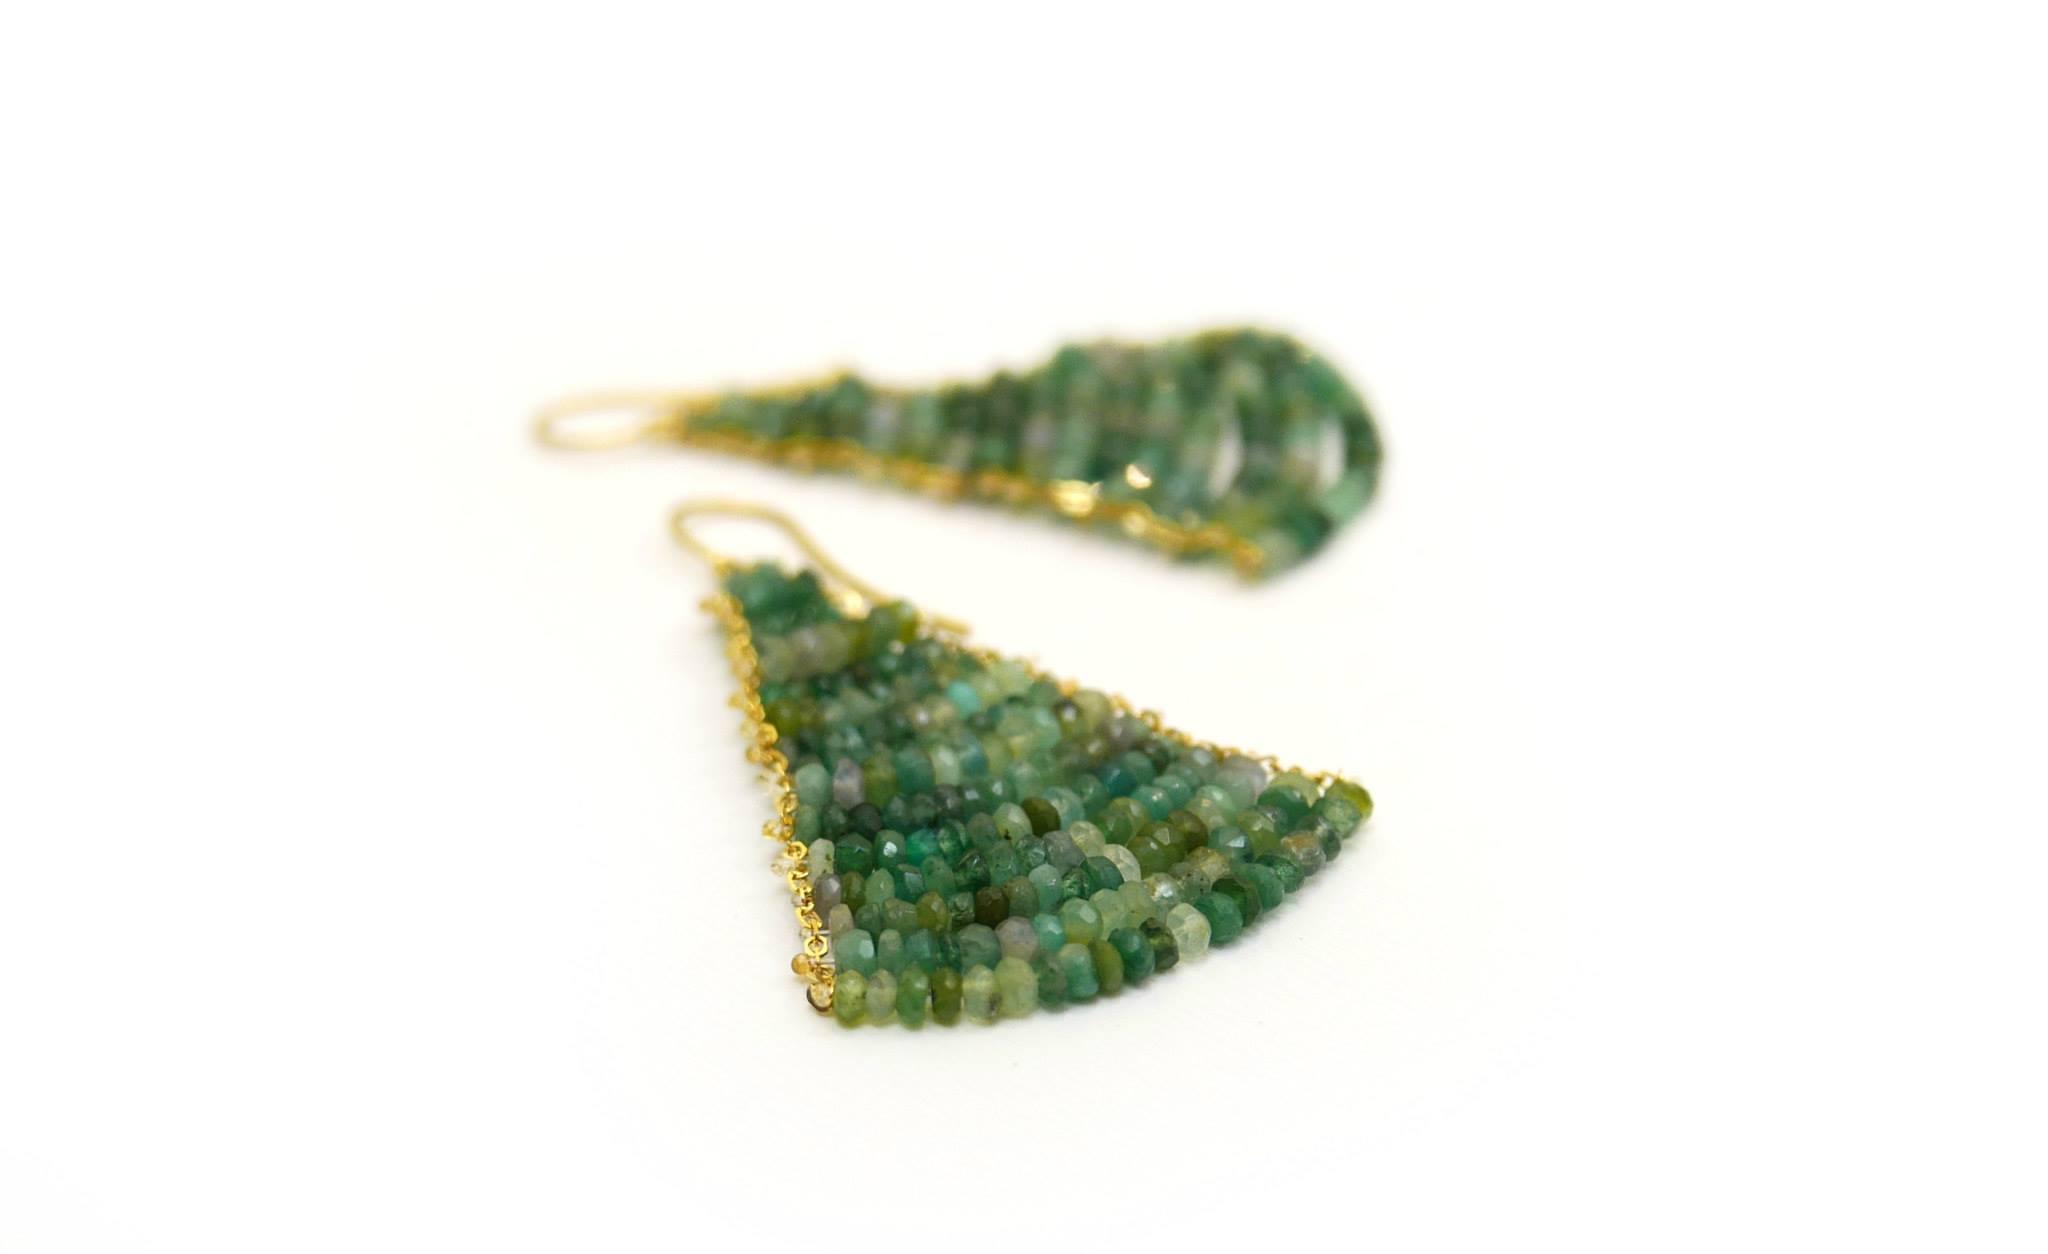 orecchini-in-oro-giallo-e-smeraldi- di Chiara Parra - presso daniele pifferi - laboratorio orafo e gioielleria bologna